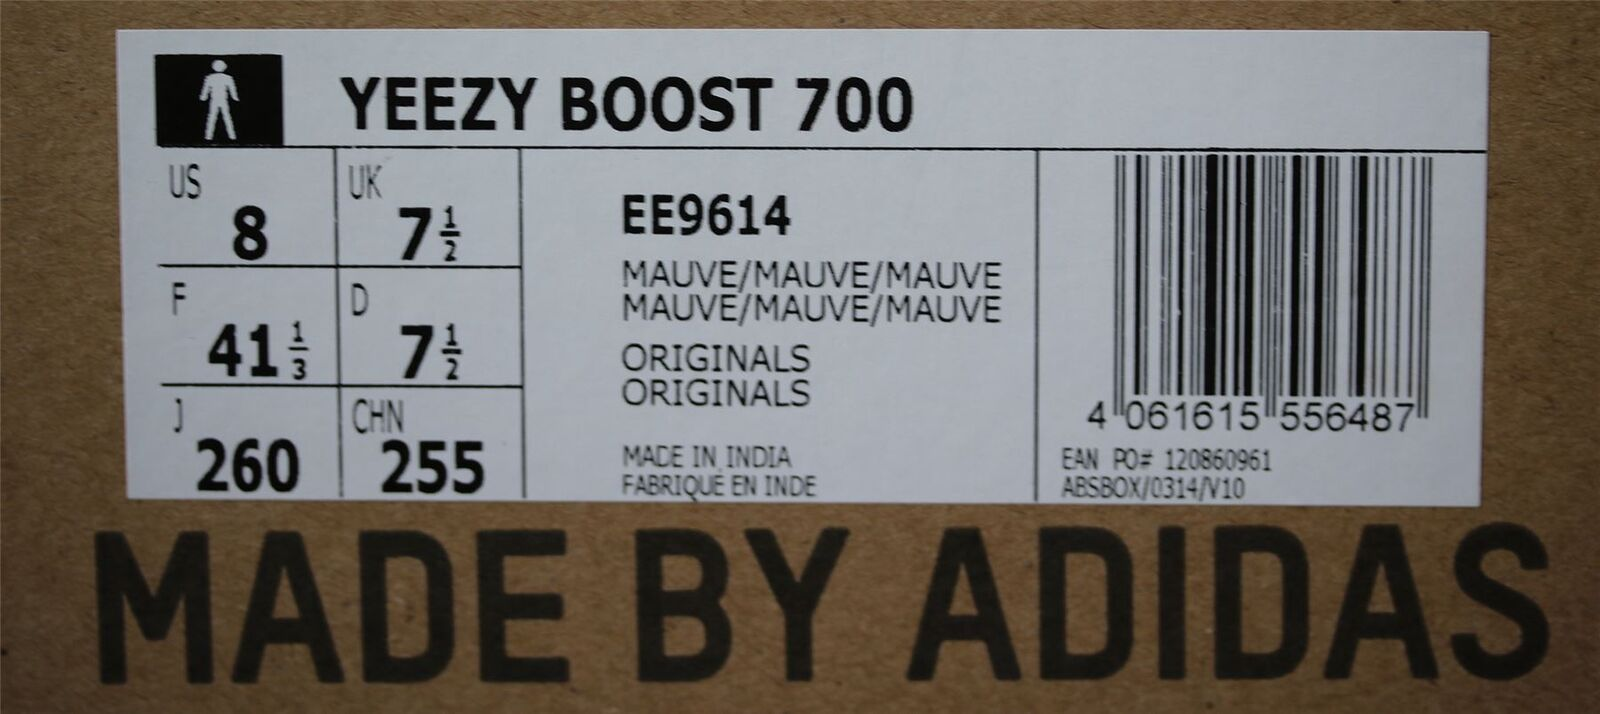 ADIDAS Yeezy Boost 700 Wave Runner Runner Runner Scarpe Da Ginnastica EU 41.5 US 8 c36e6e